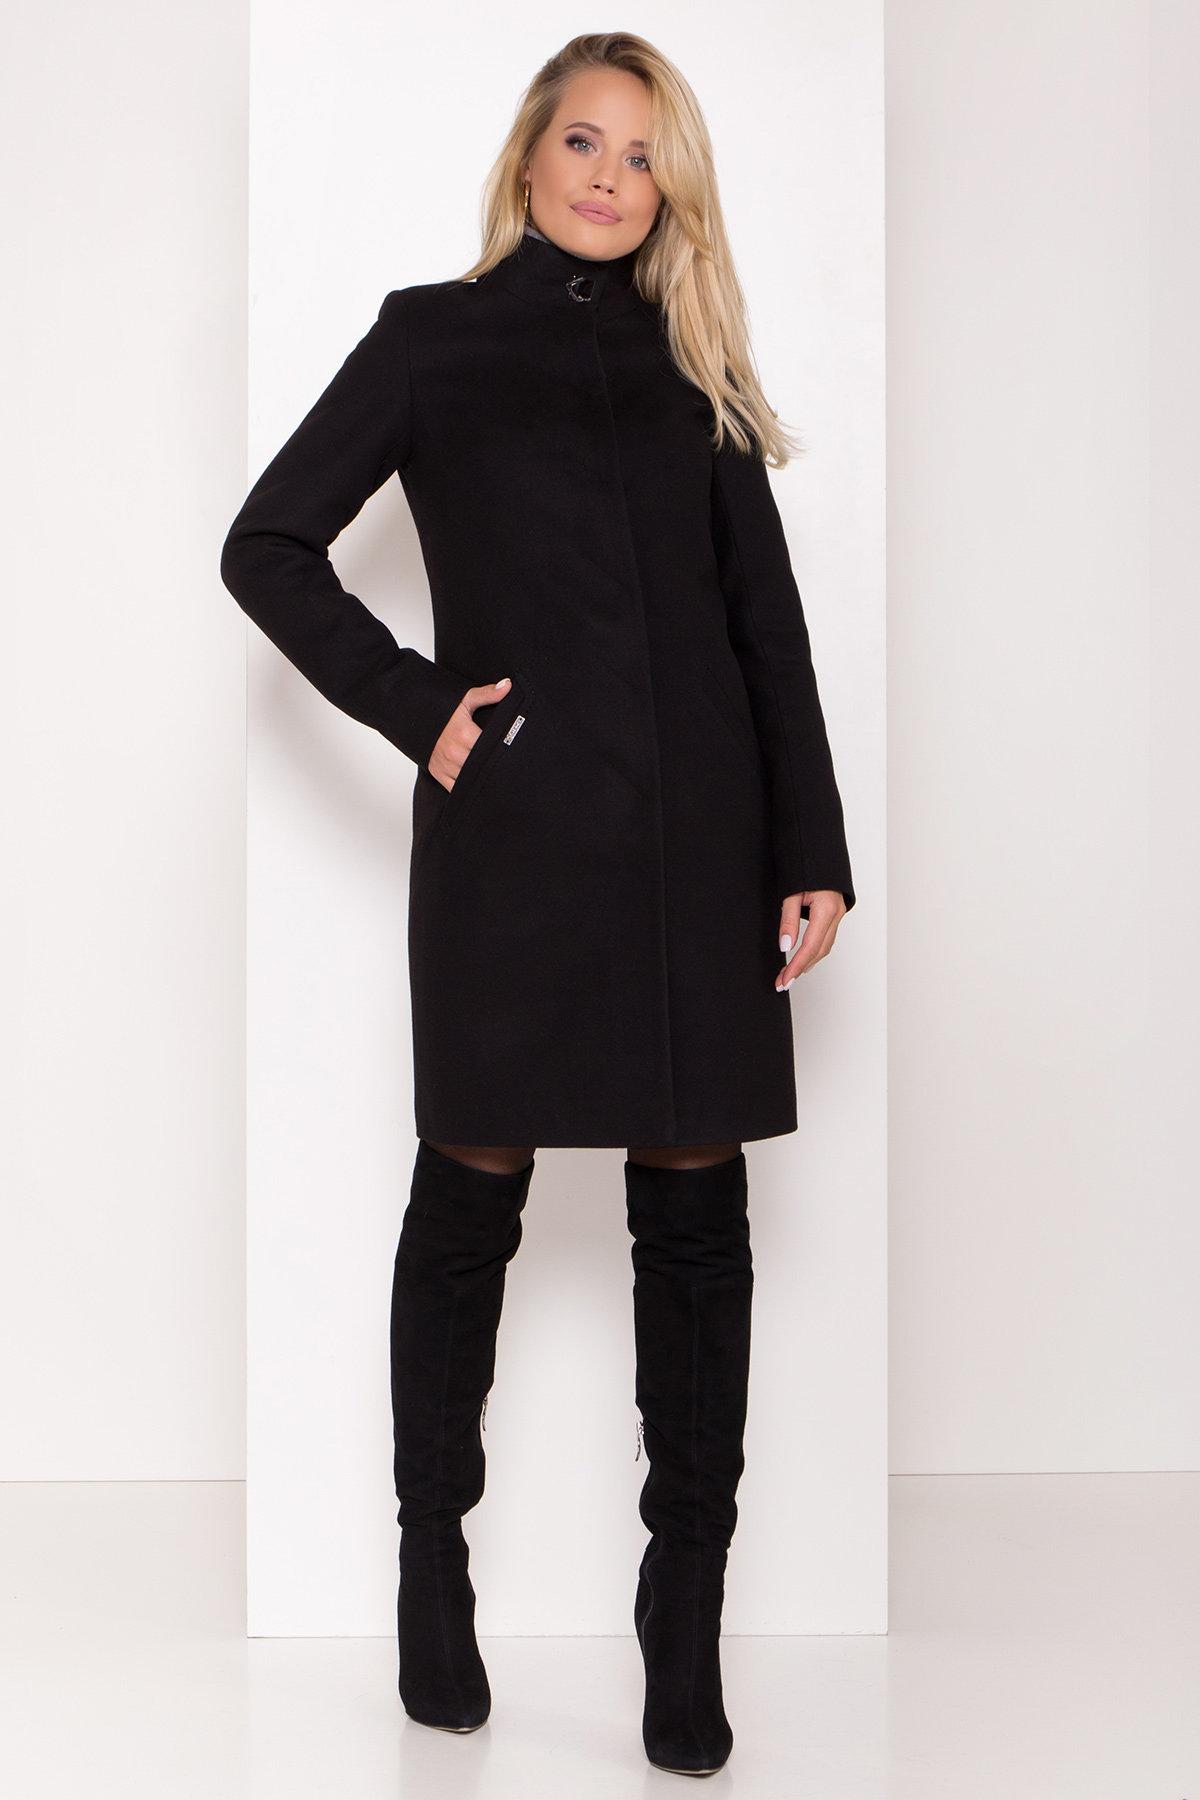 Пальто зима с хомутом Люцея 8211 АРТ. 44225 Цвет: Черный Н-1 - фото 6, интернет магазин tm-modus.ru